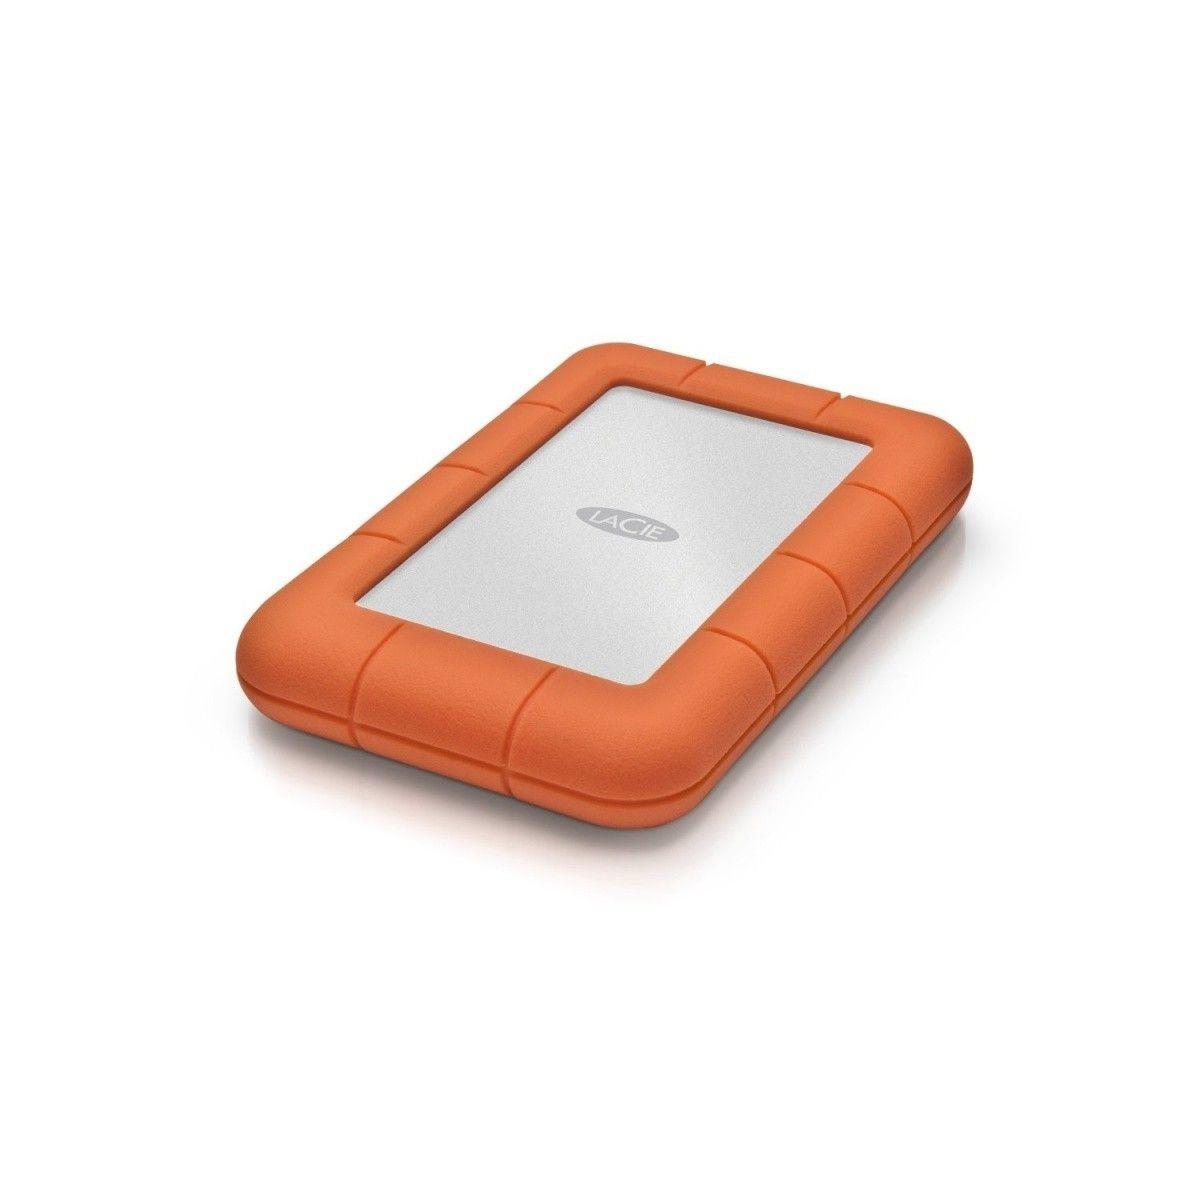 LaCie Dysk zewnętrzny Rugged Mini, 2.5'', 2TB, USB 3.0